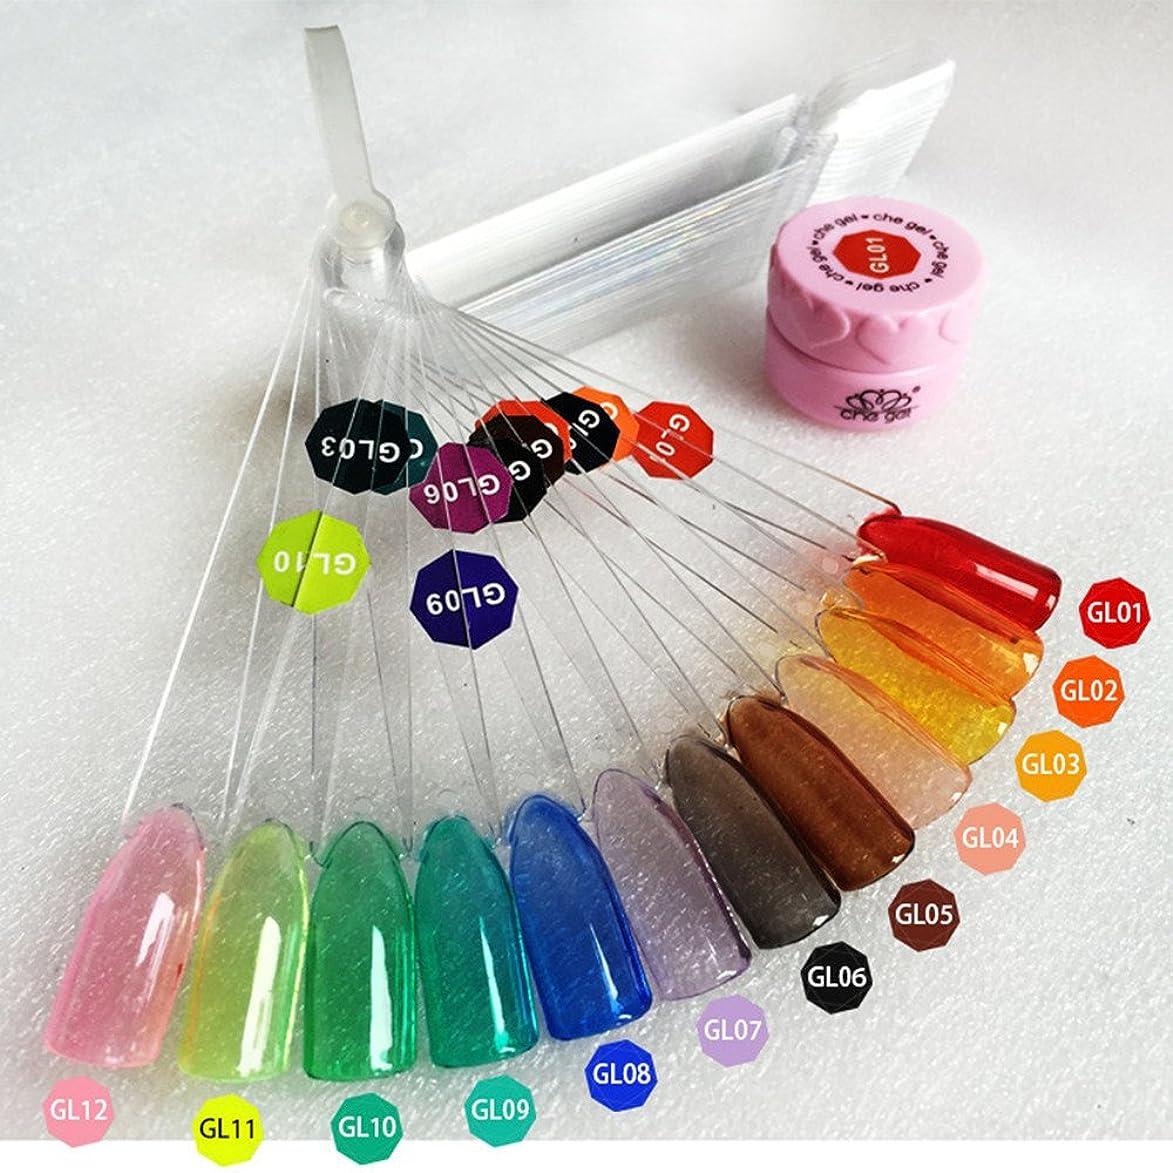 目の前のブレイズ良心的ジェルネイルカラークリアカラージェル ネイルアートネイルパーツネイルマニキュアソークオフ   3gケース入り12色から選び  (6)